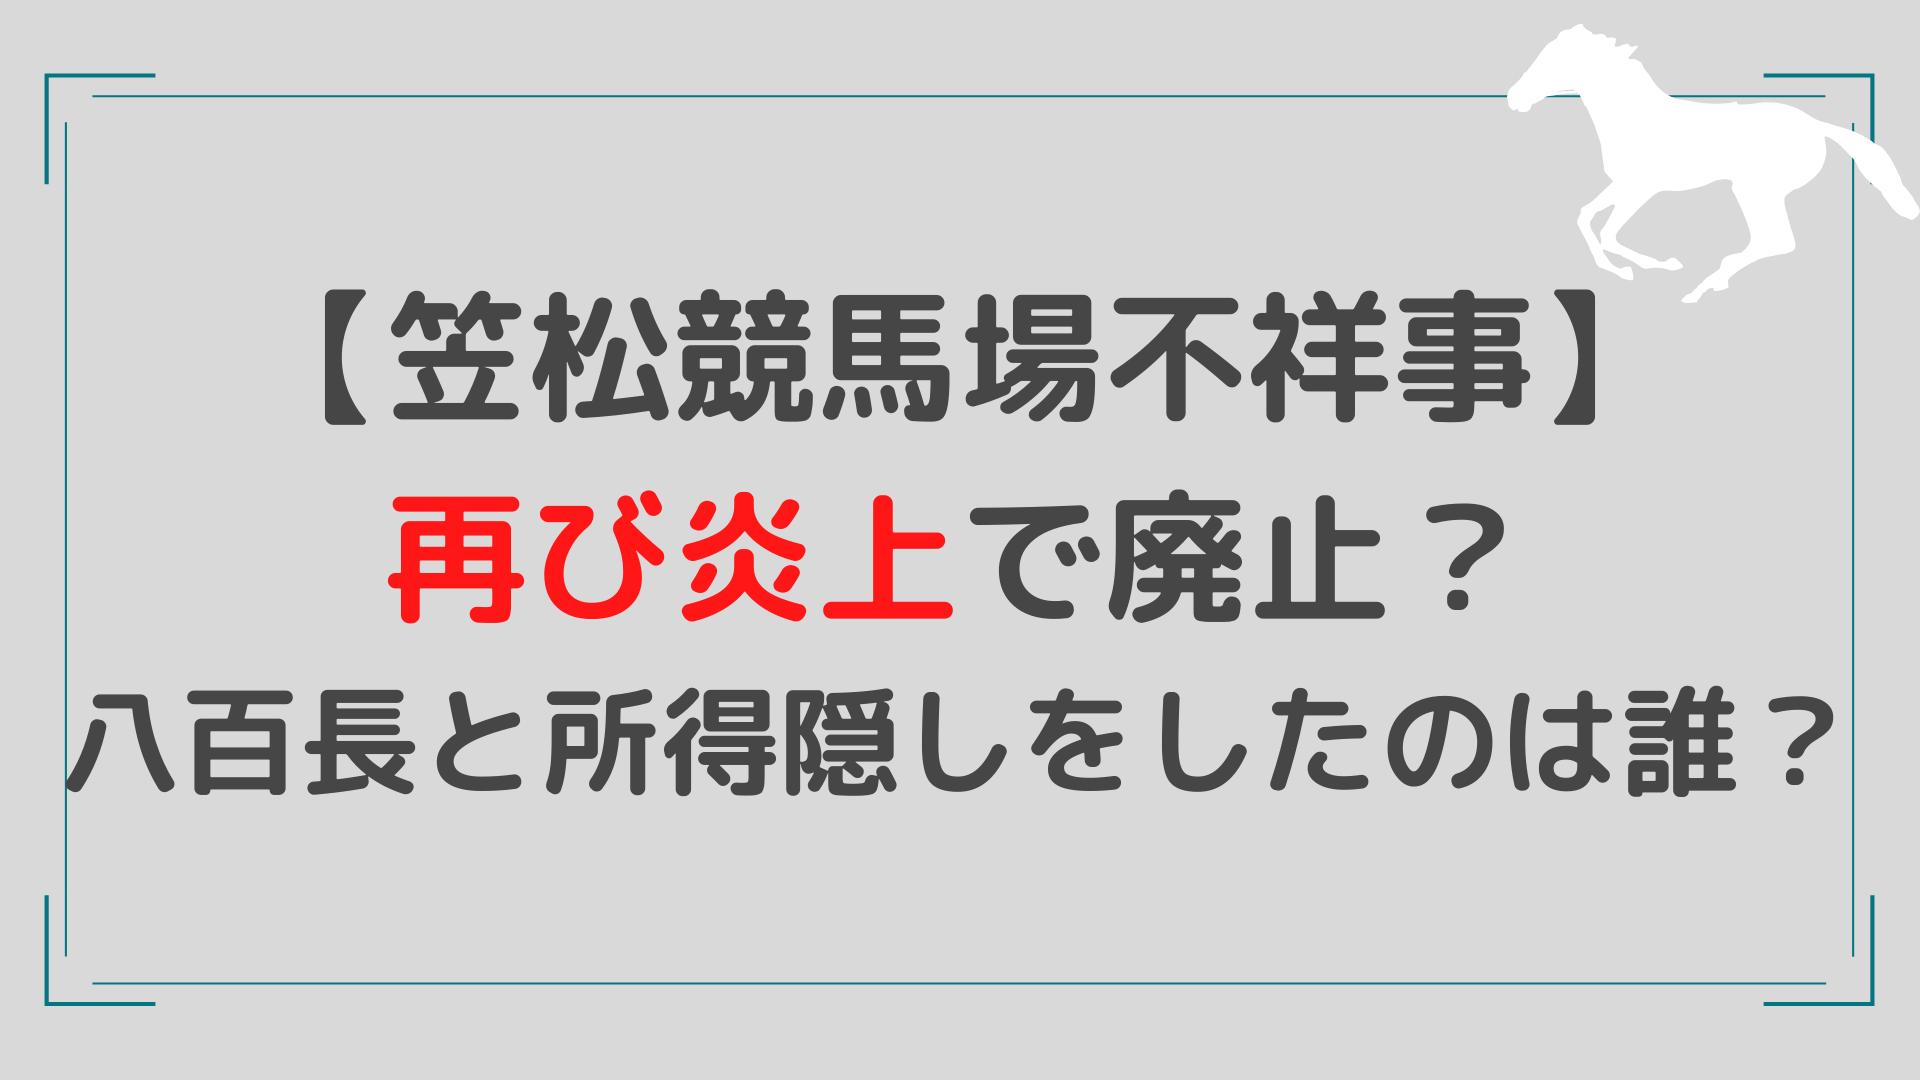 笠松 競馬 新聞